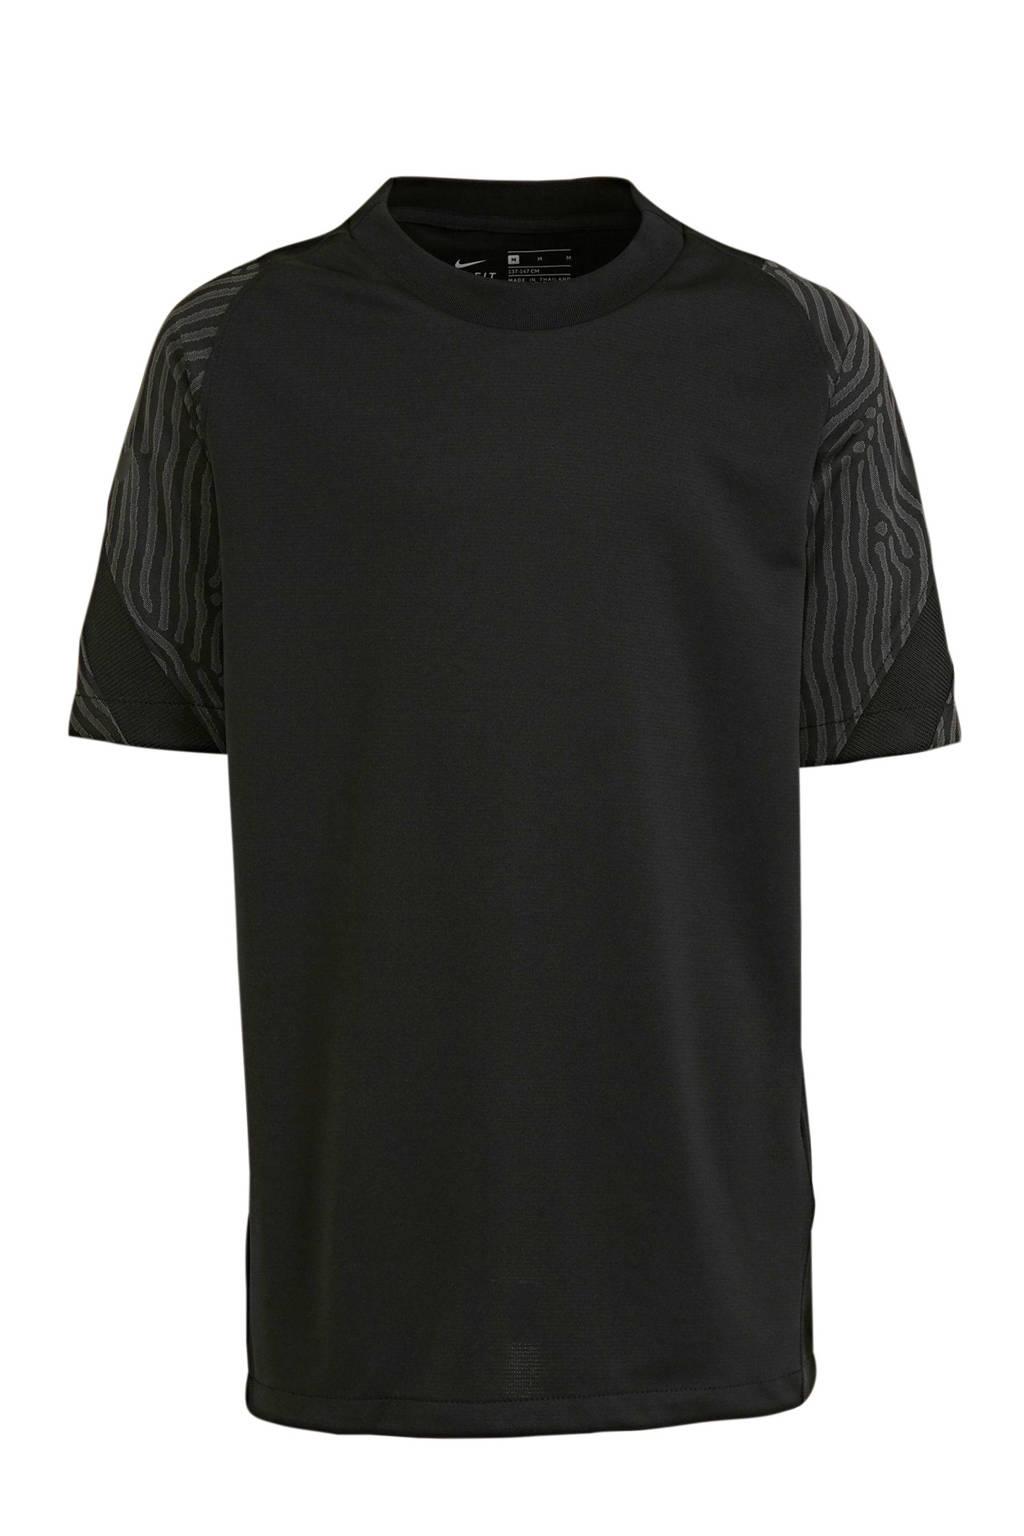 Nike   Voetbalshirt zwart/antraciet, Zwart/antraciet